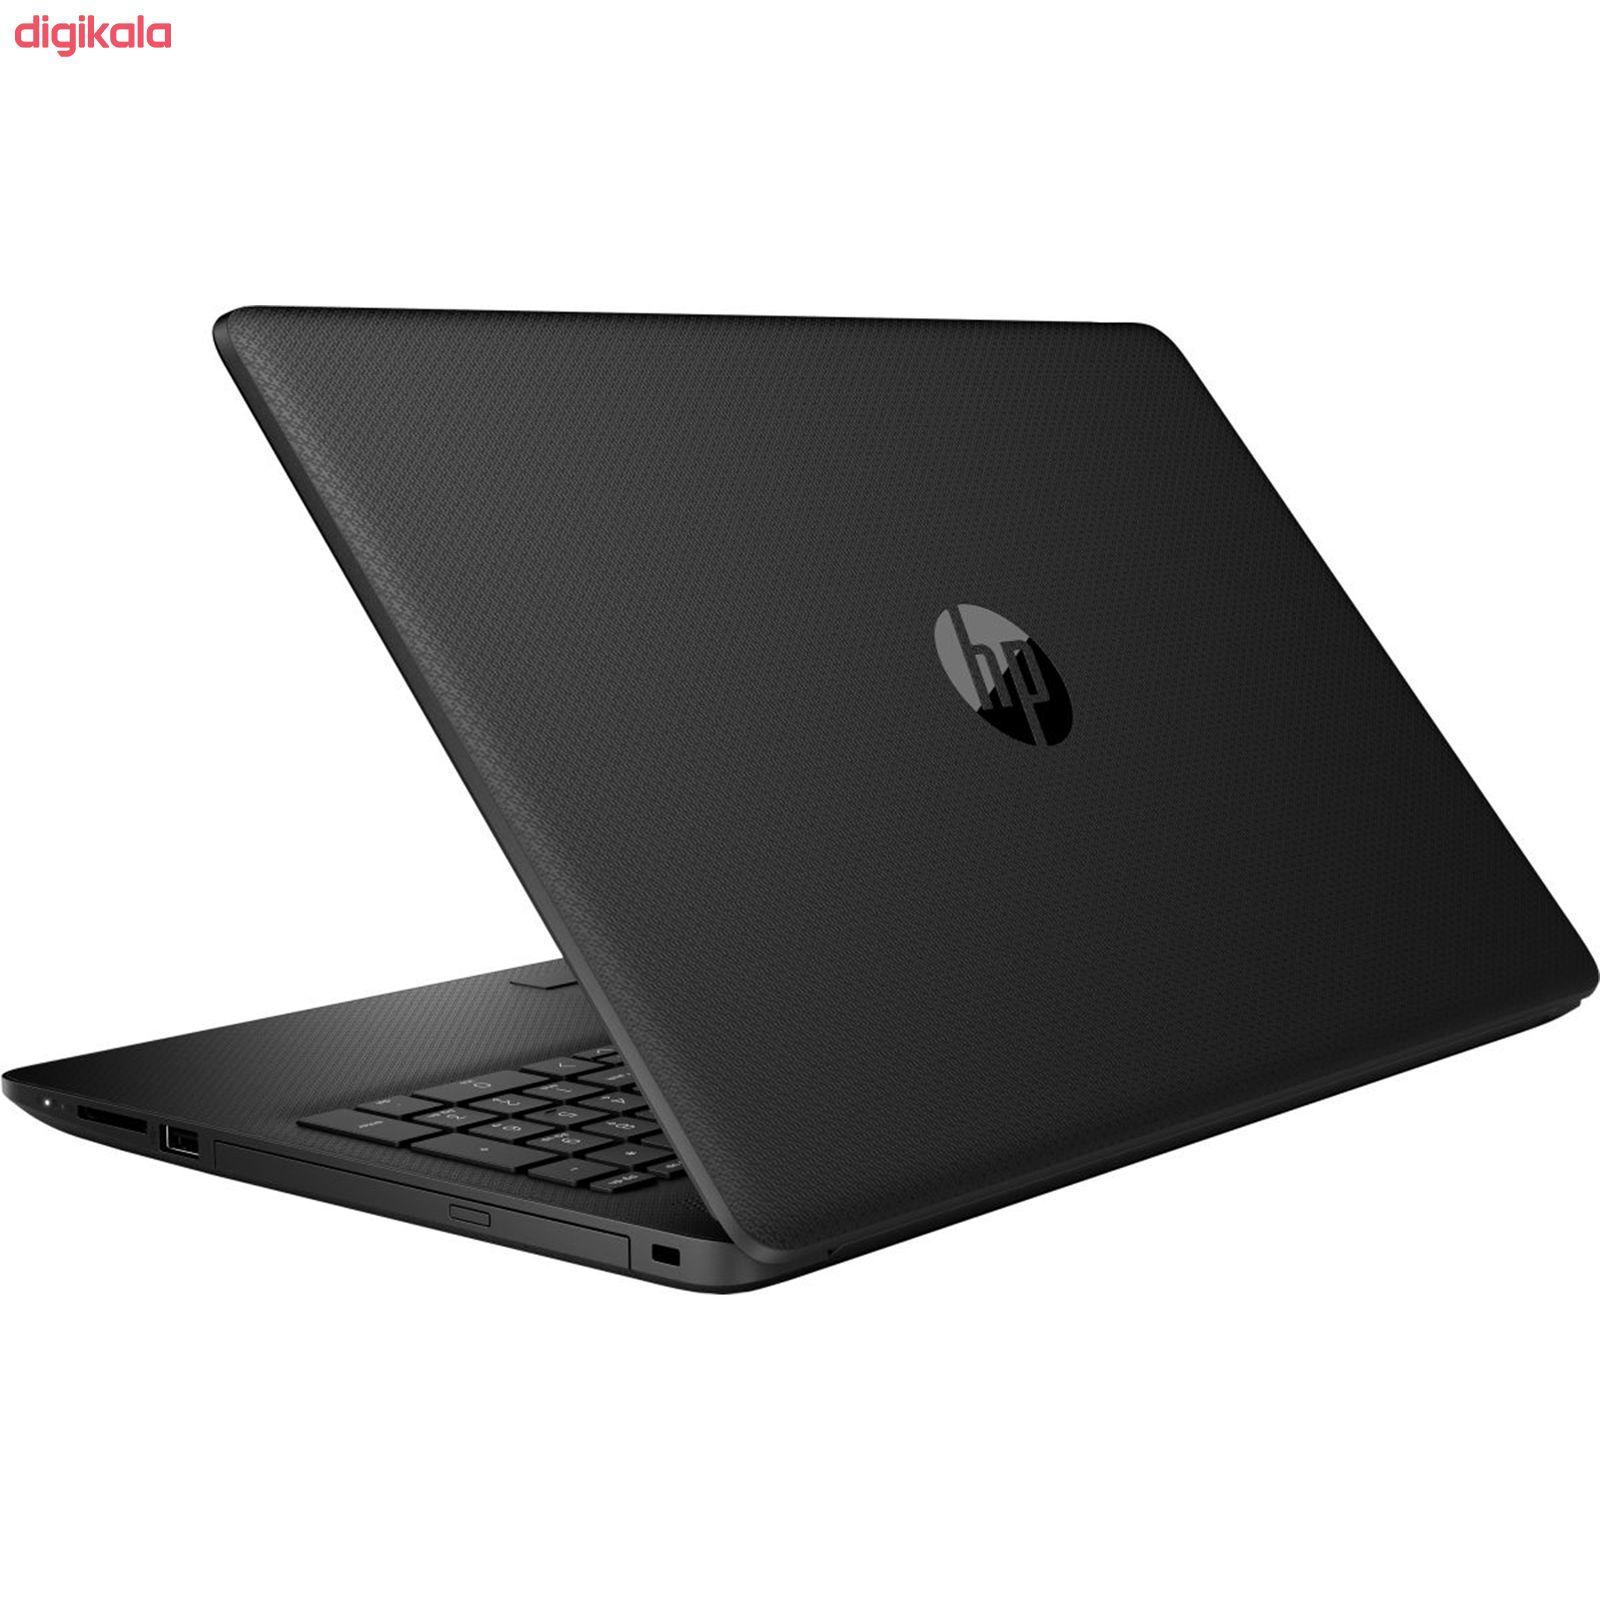 لپ تاپ 15 اینچی اچ پی مدل DA2183-C